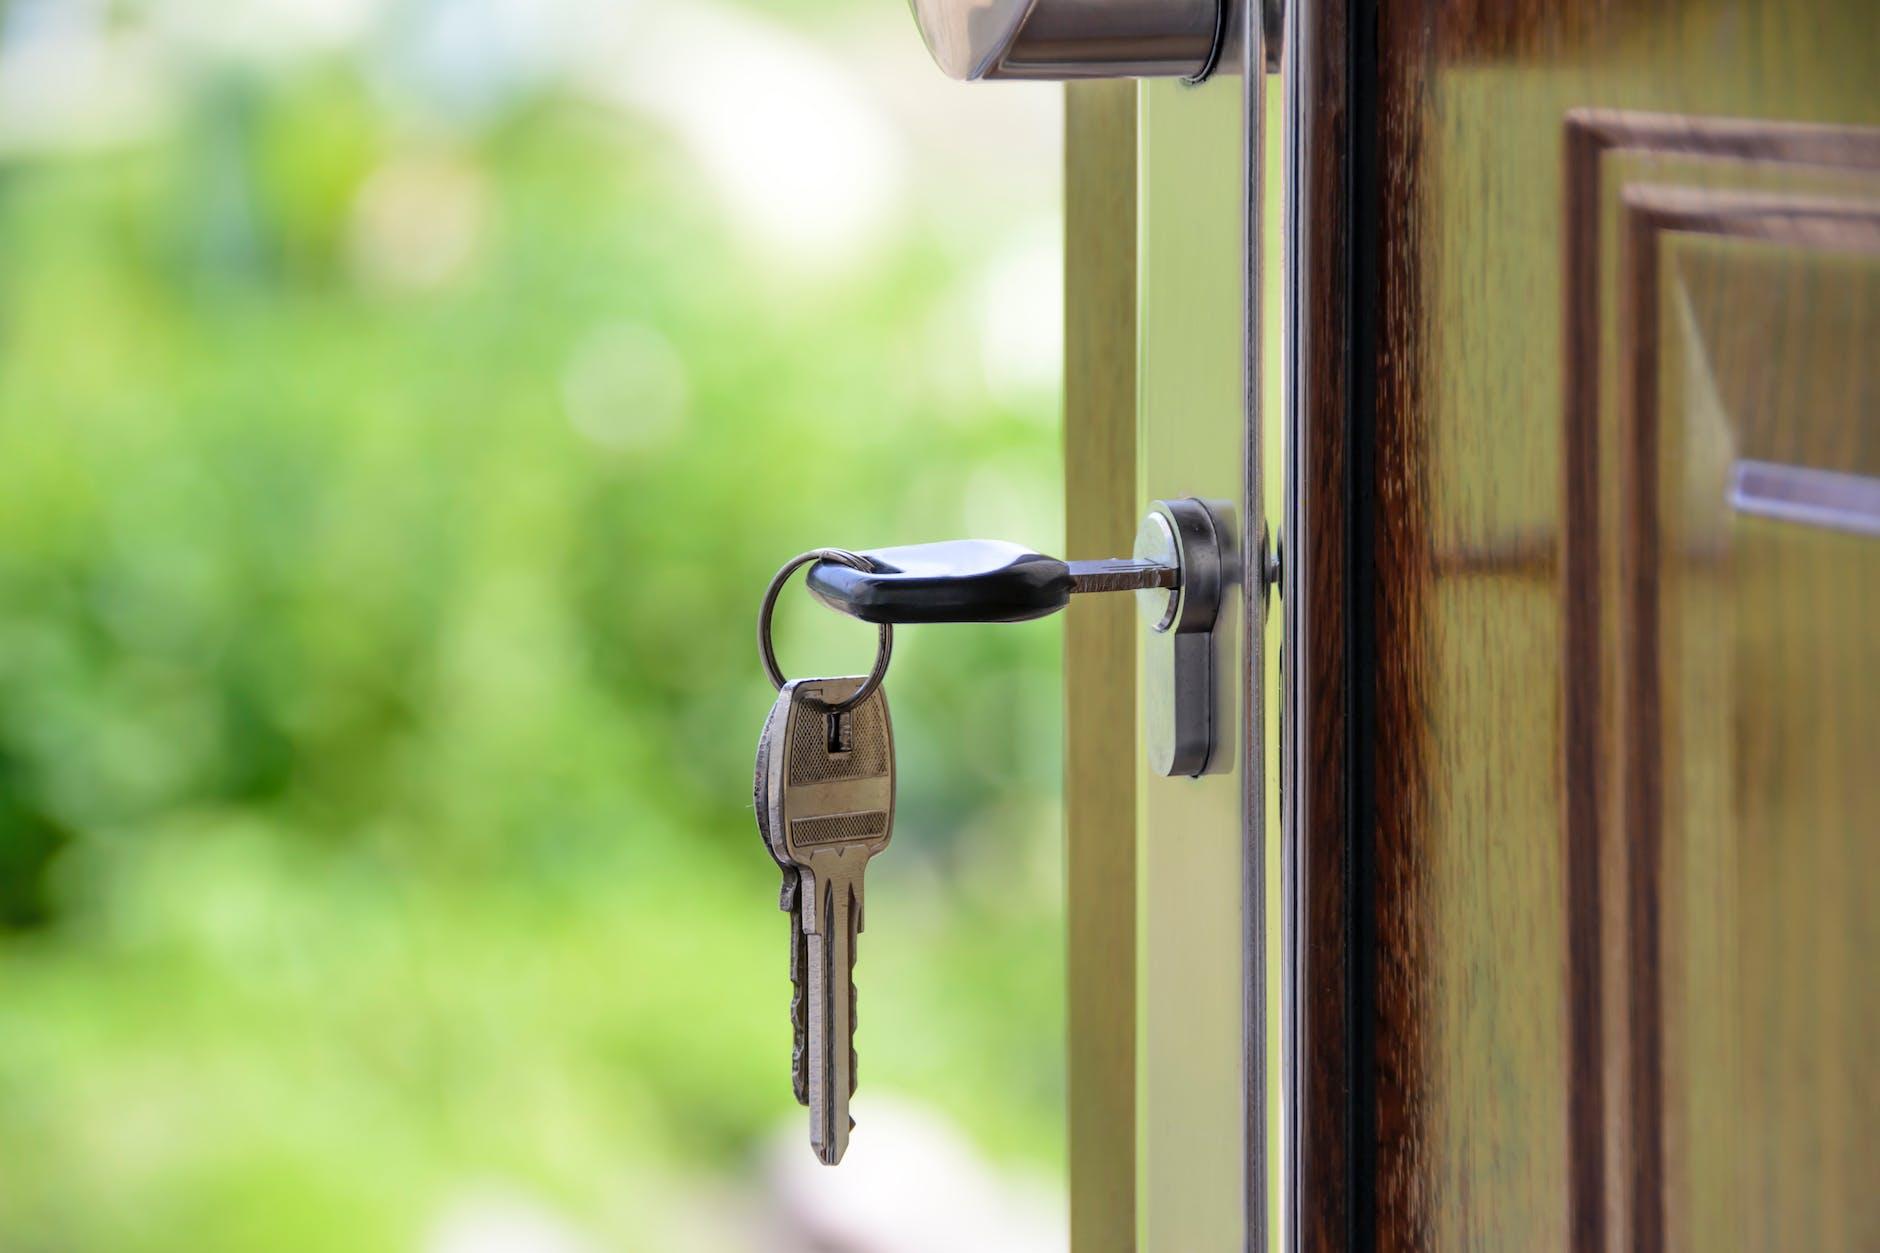 Black handled key in key hole (public domain image)